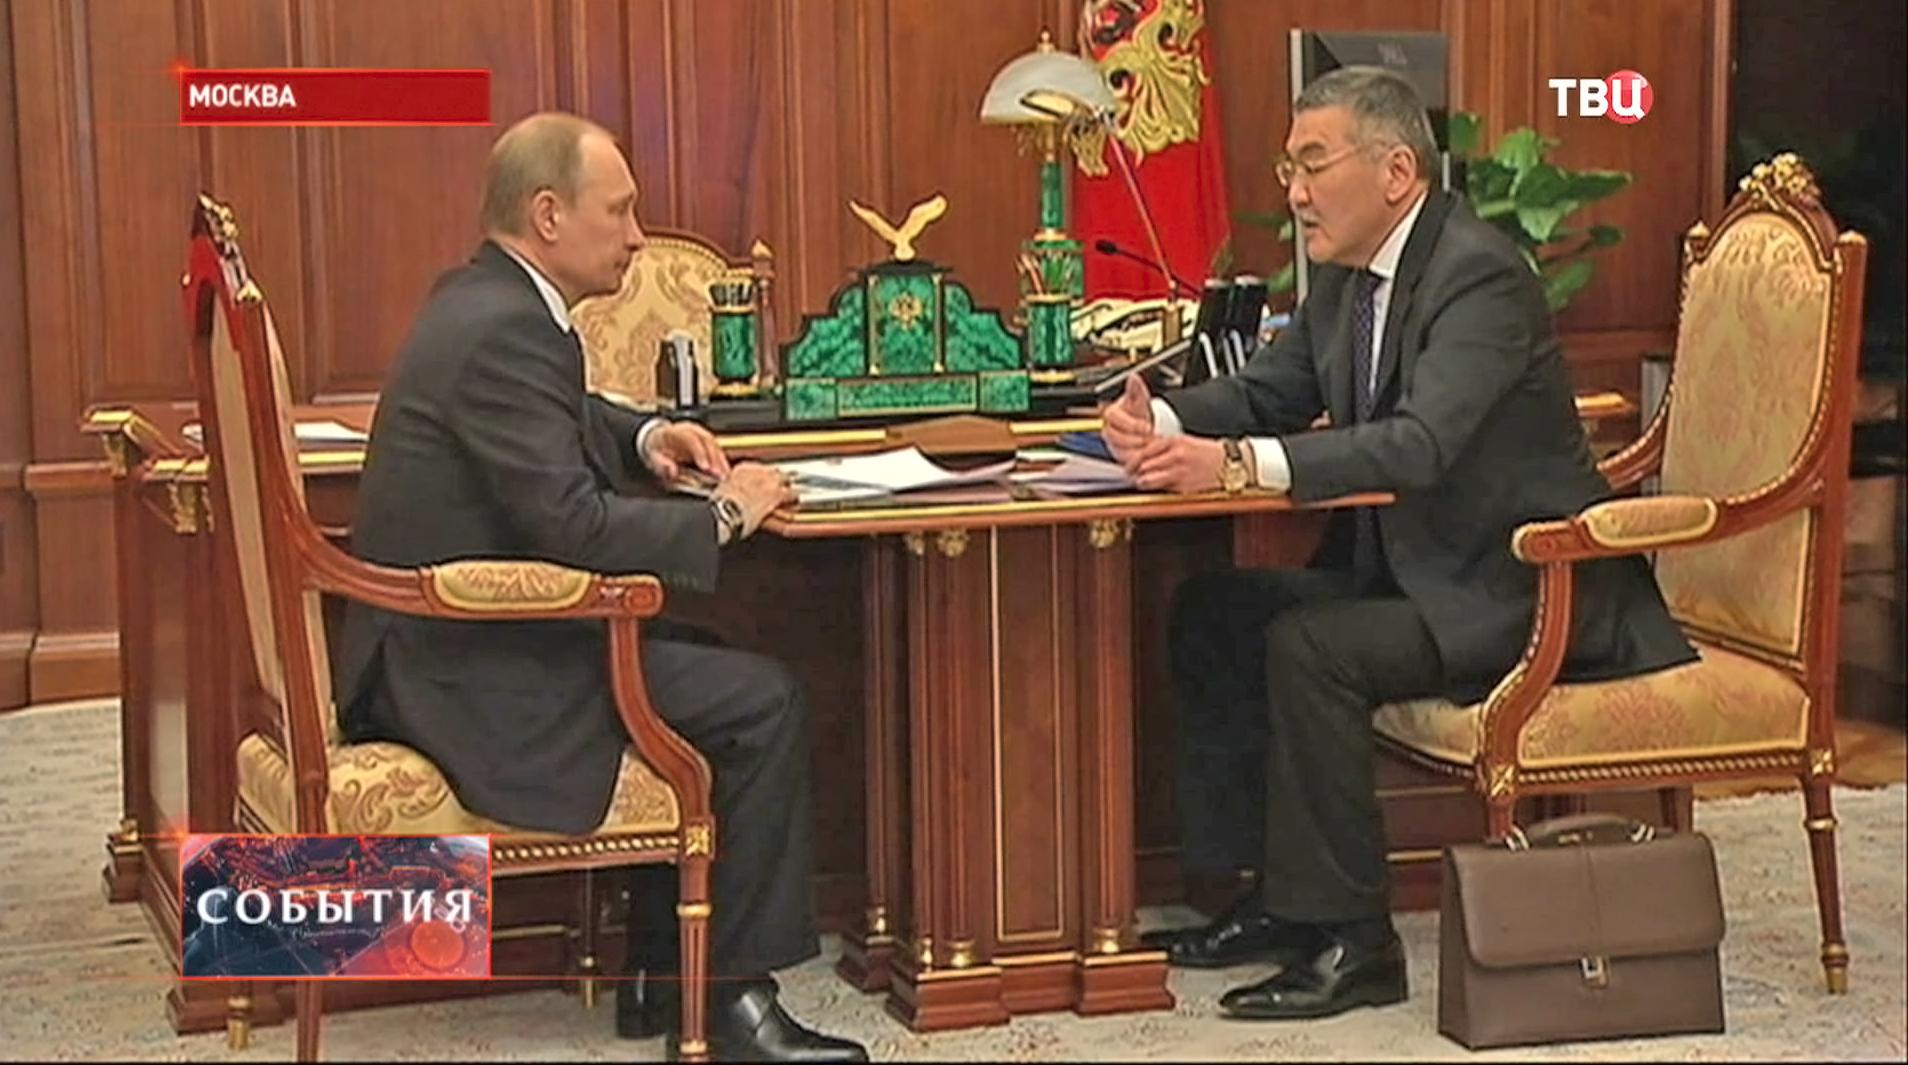 Владимир Путин и глава республики Калмыкия Алексей Орлов